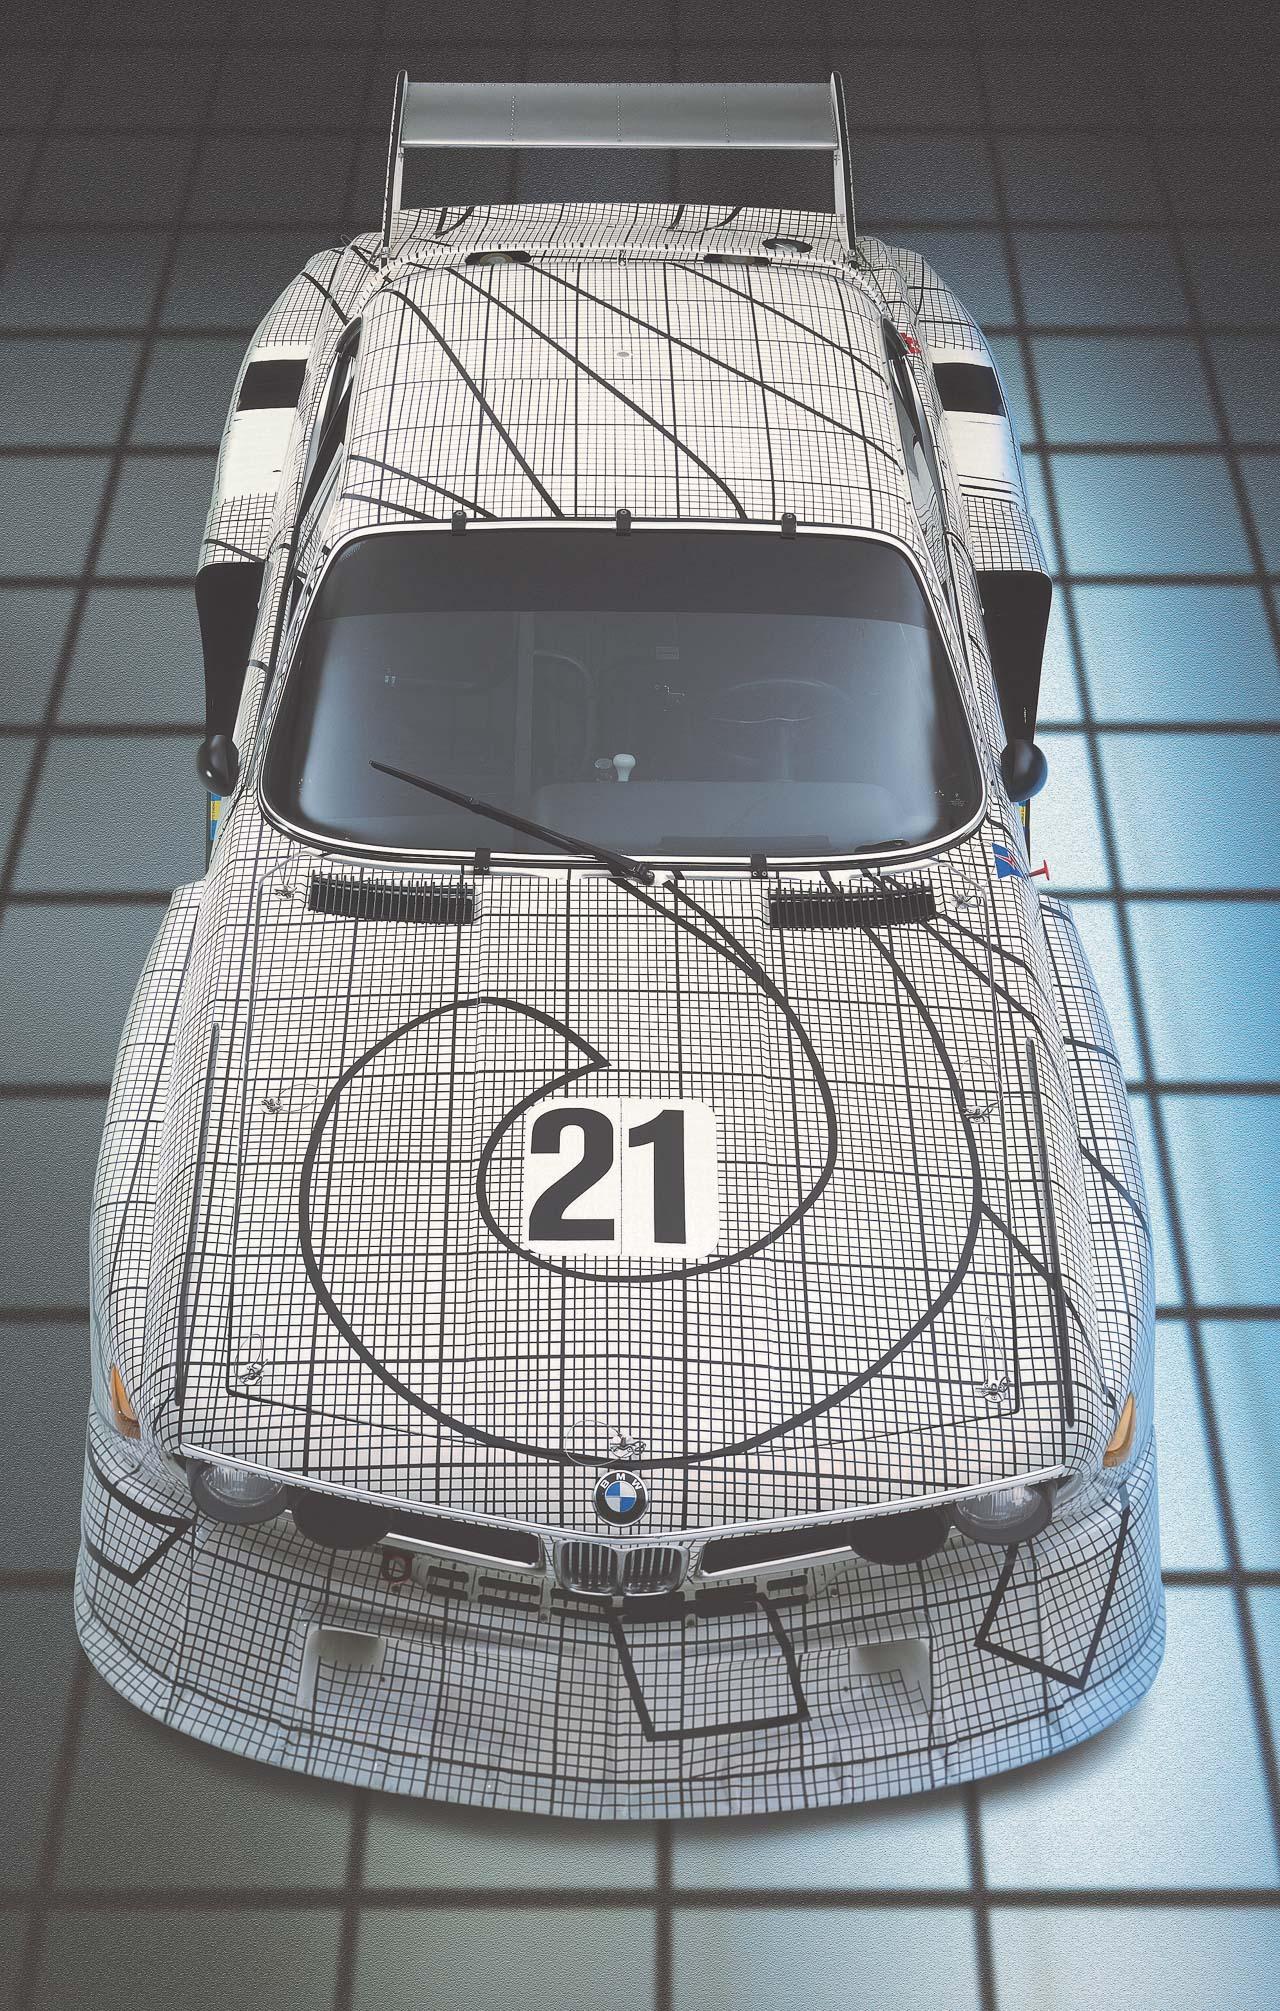 BMW 3.2 CSL TURBO GROUPE 5 – 6 en ligne sauce escargots ! 31